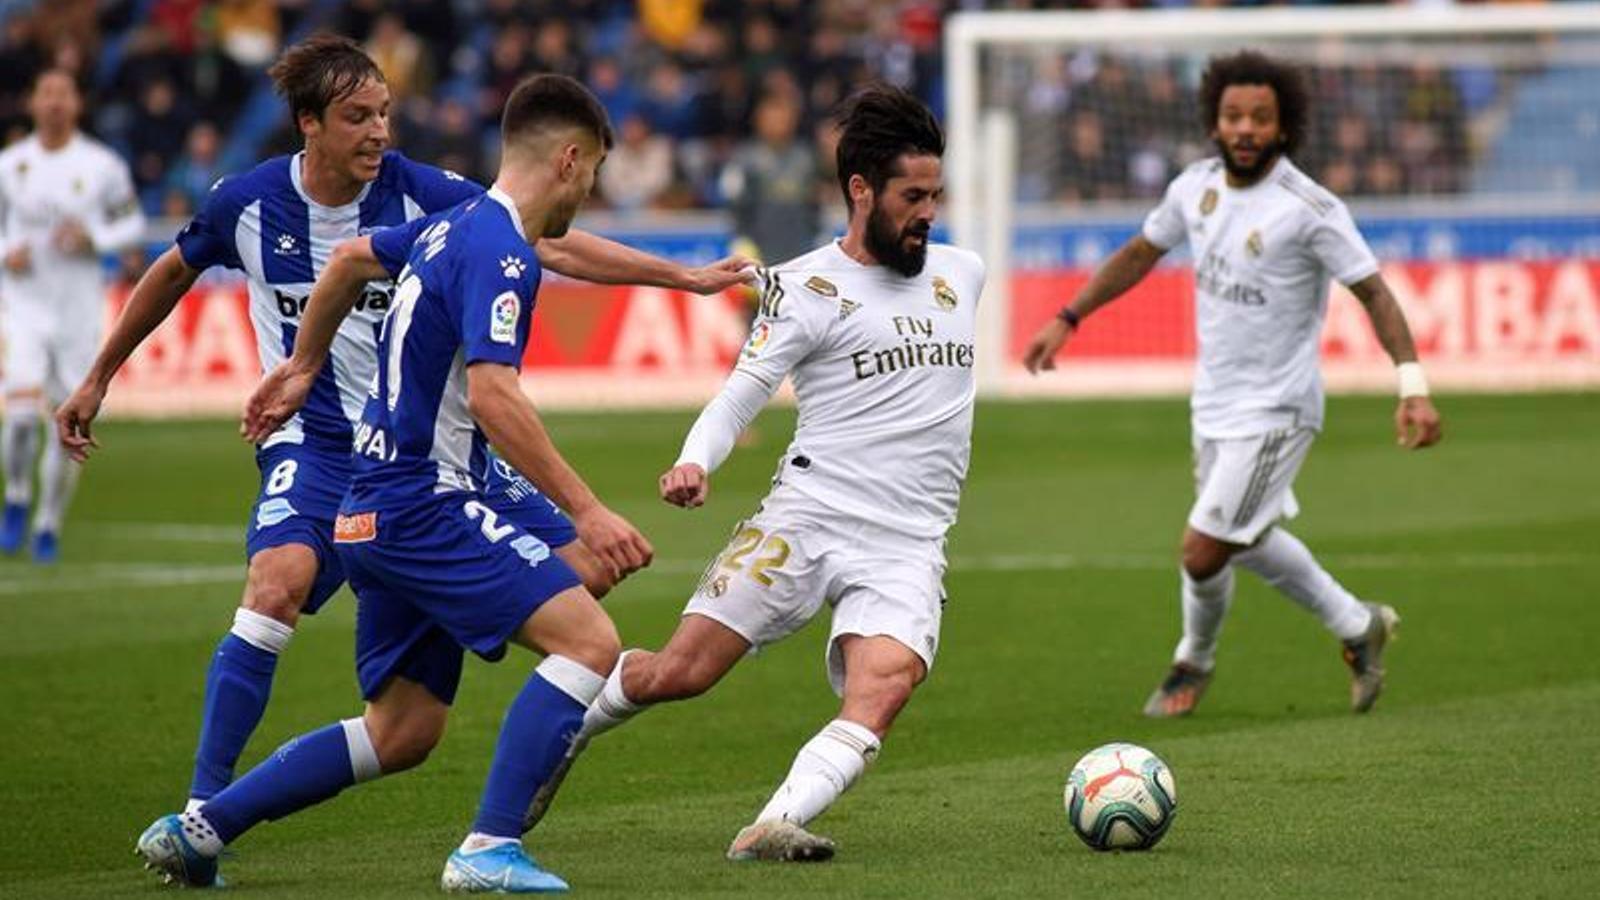 El Reial Madrid es va imposar a l'Alabès en la seva visita a Mendizorrotza (1-2) / EFE